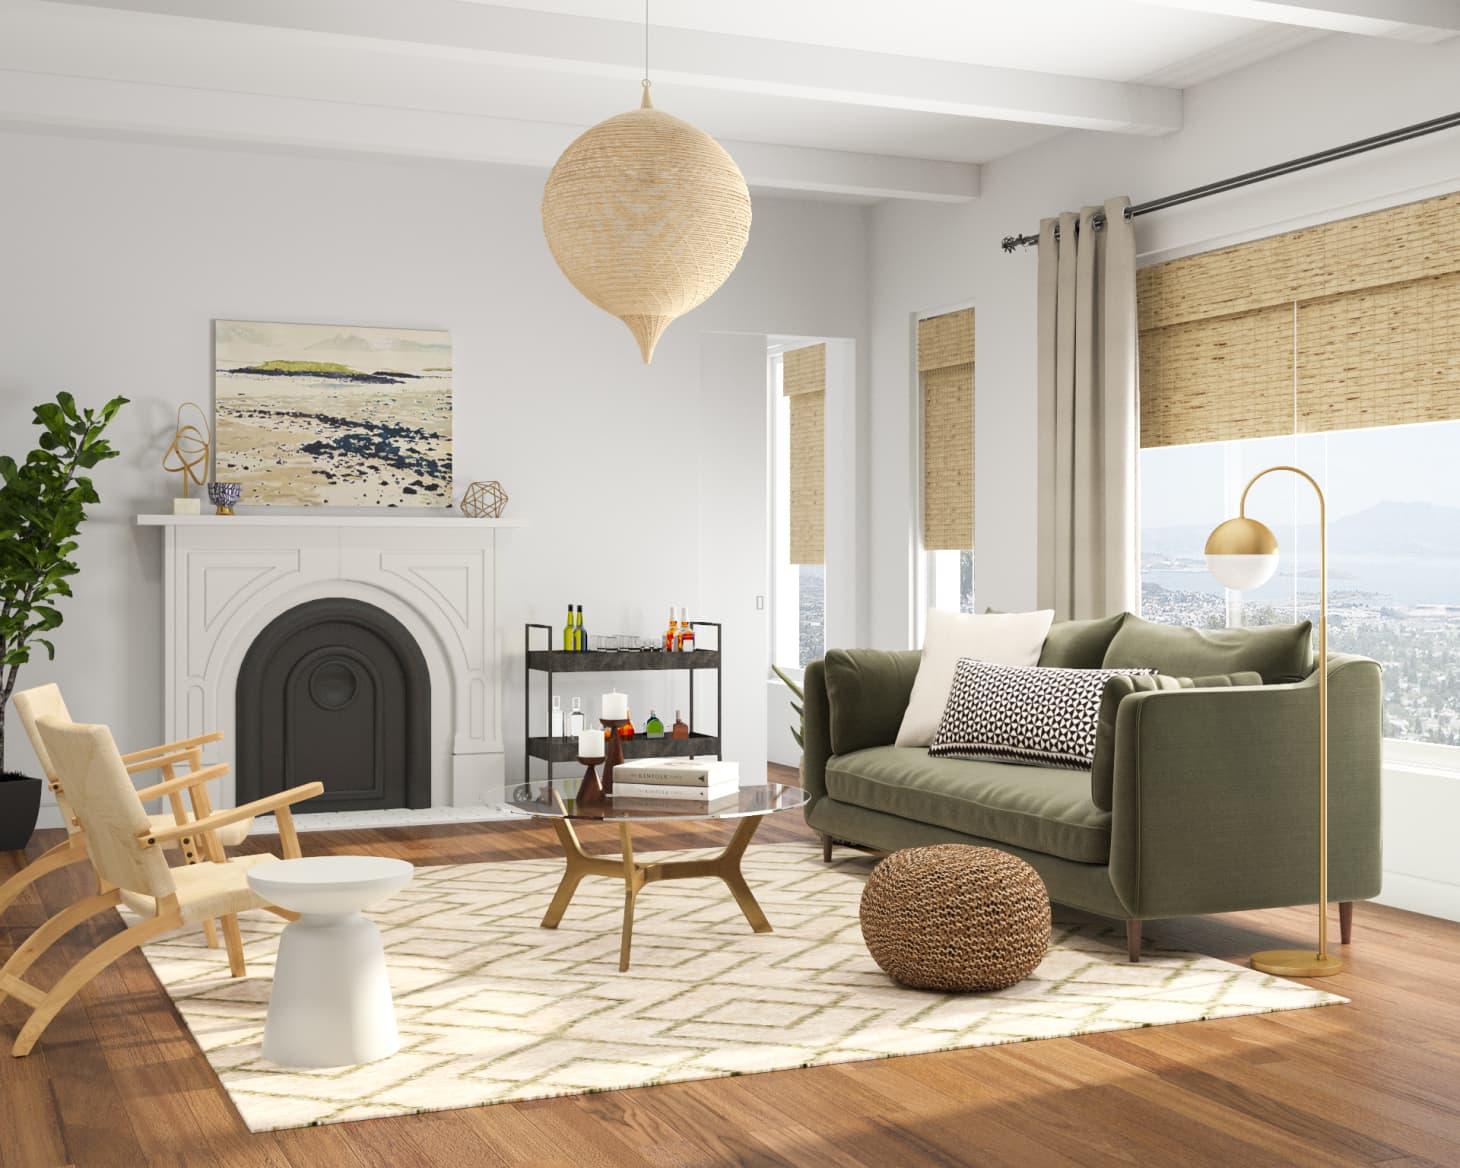 Millennial Design Brands - Millennial Home Decor | Apartment